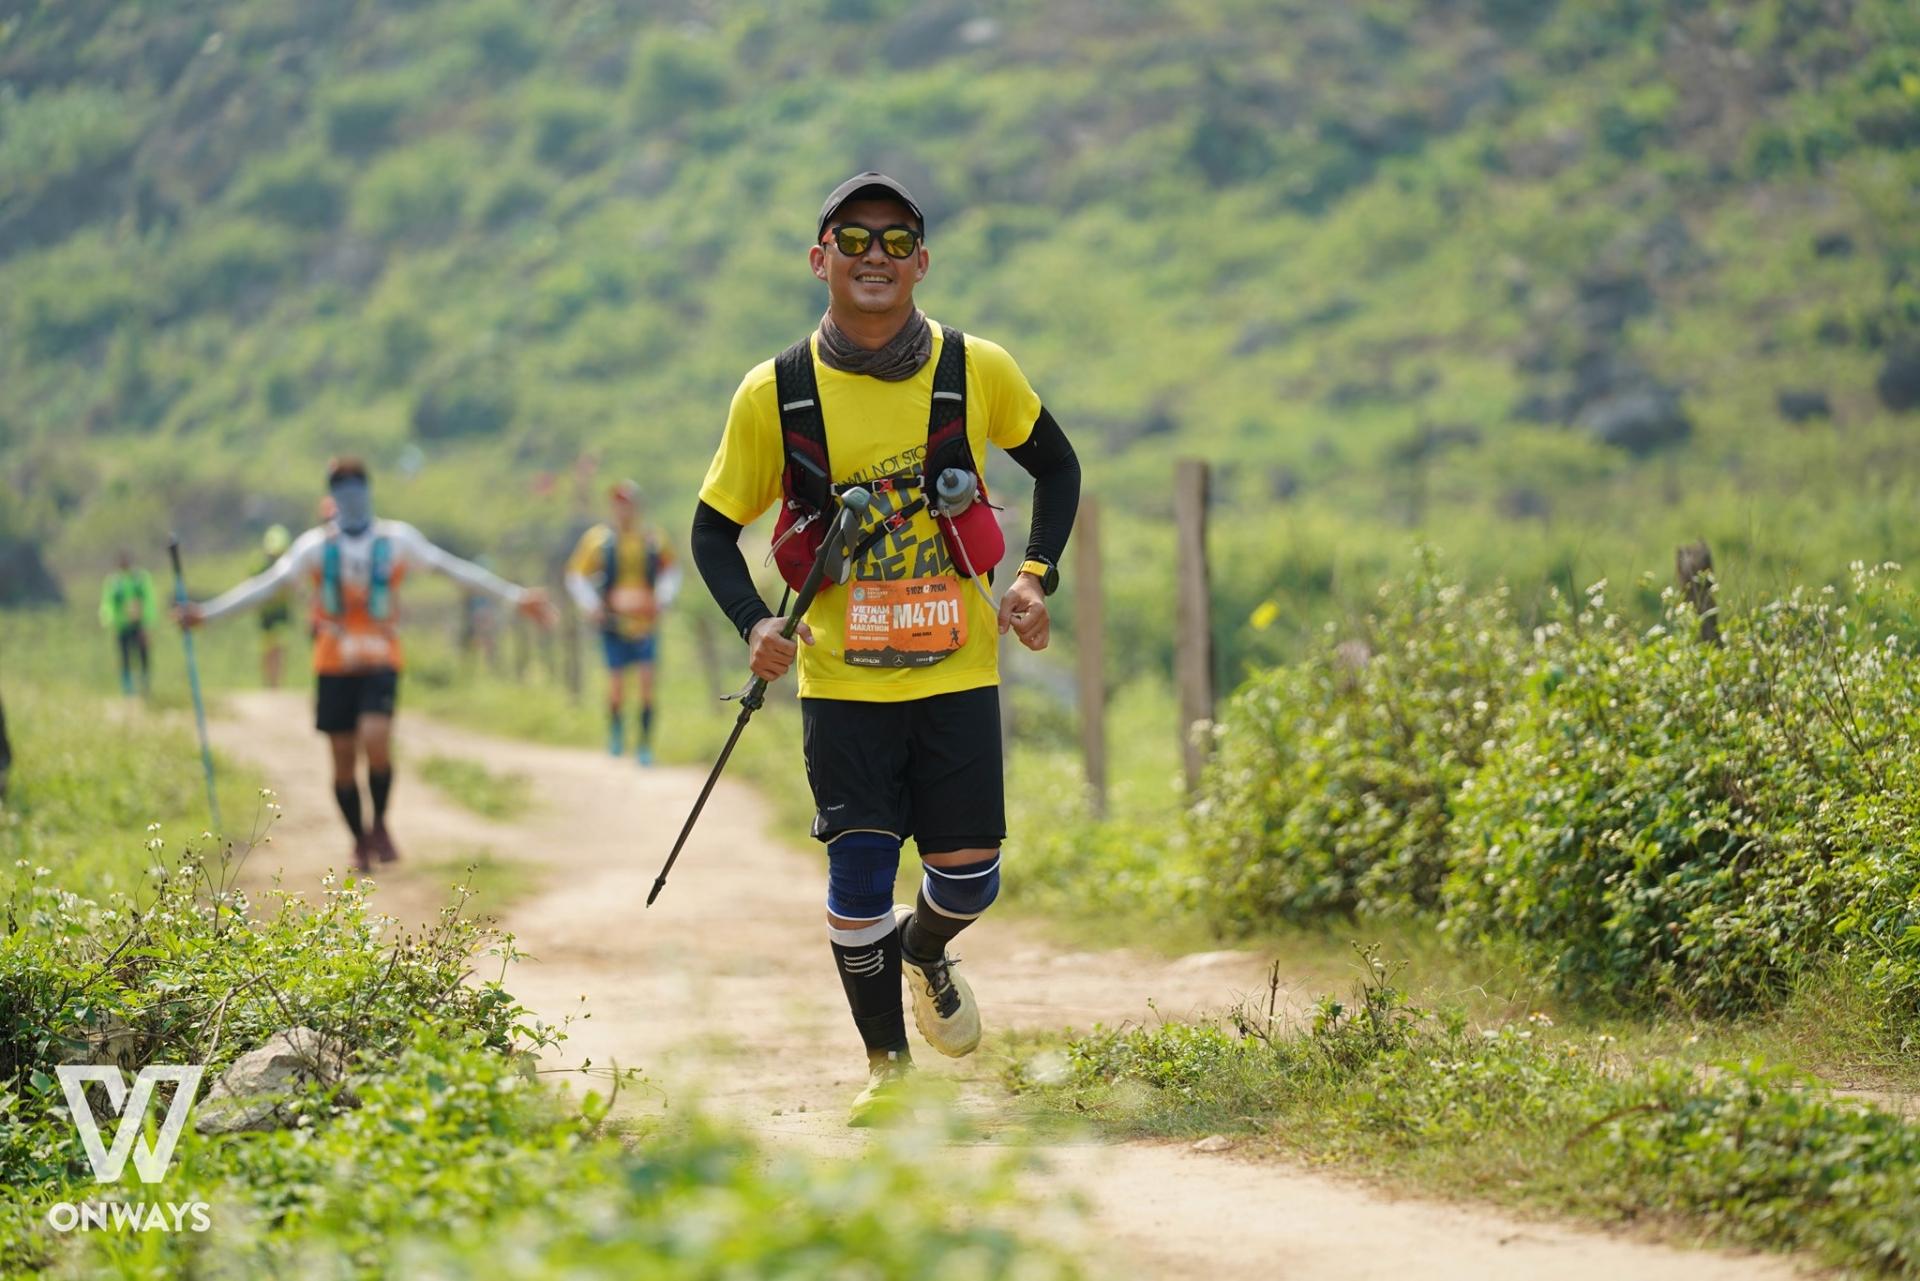 37 life-changing surgeries for 37 children thanks to Vietnam Trail Marathon 2021